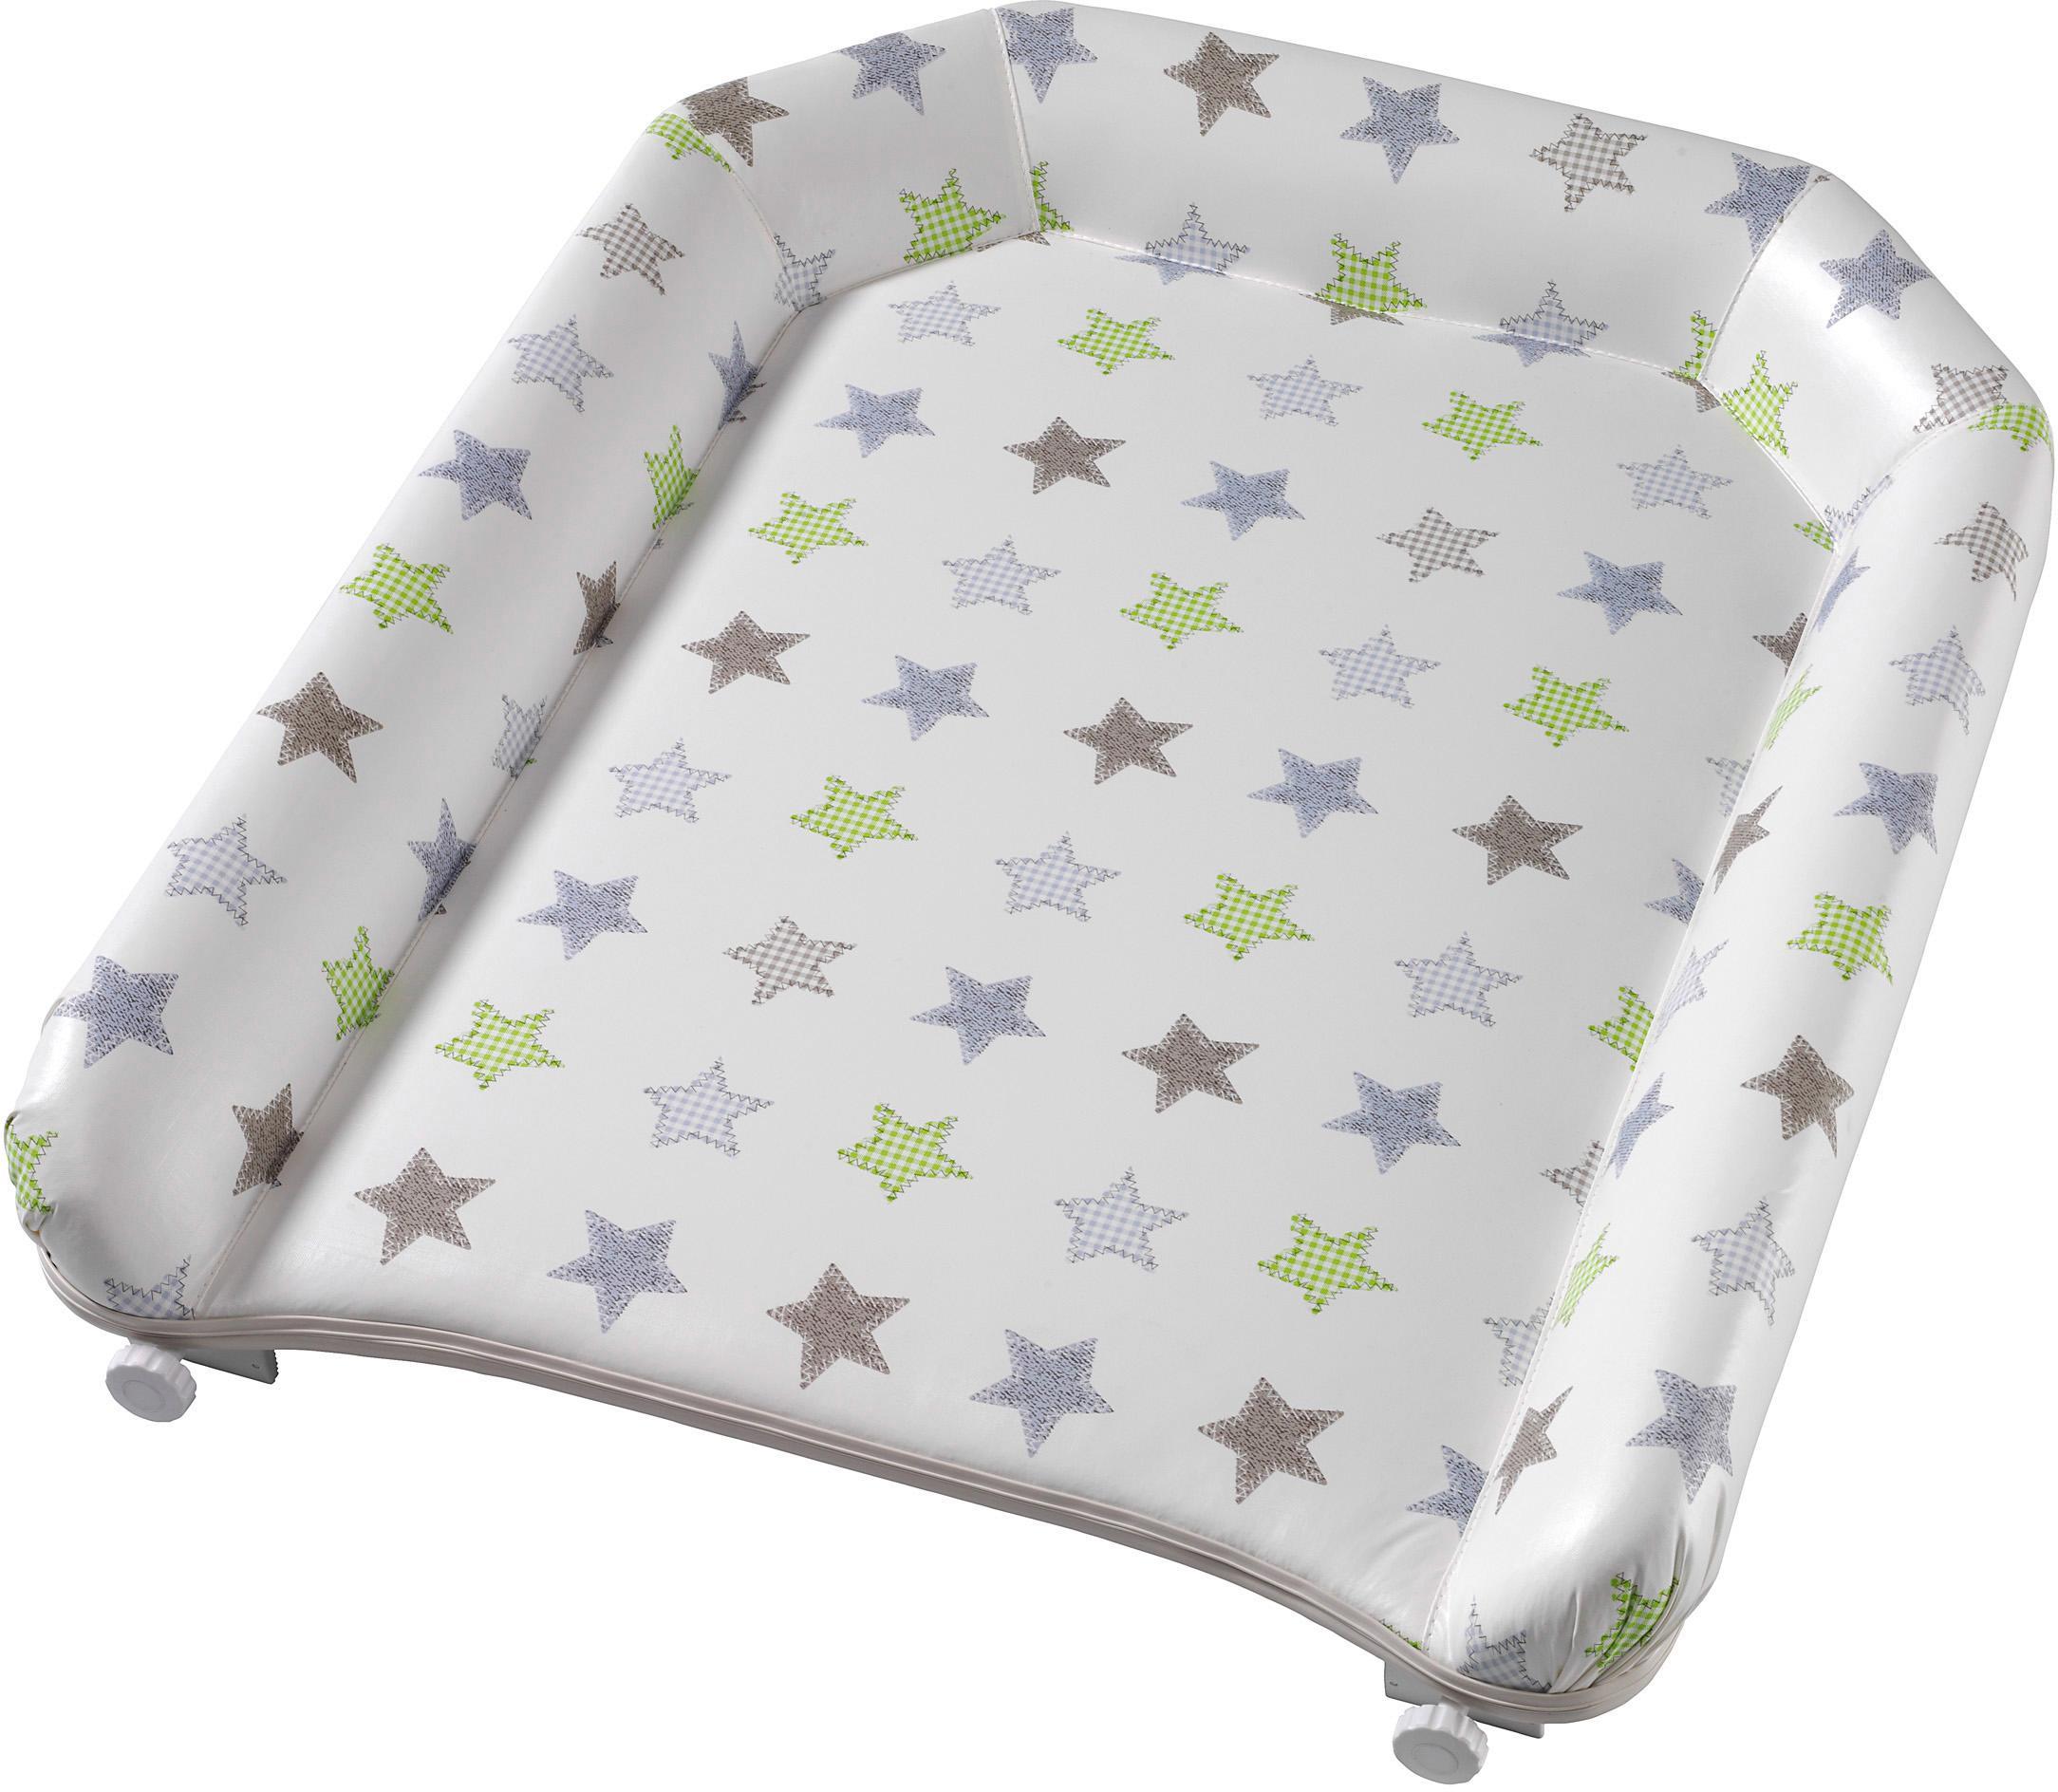 Geuther Wickelplatte 032, Sterne, für das Kinderbett weiß Baby Zubehör Babymöbel und Babybetten Möbel